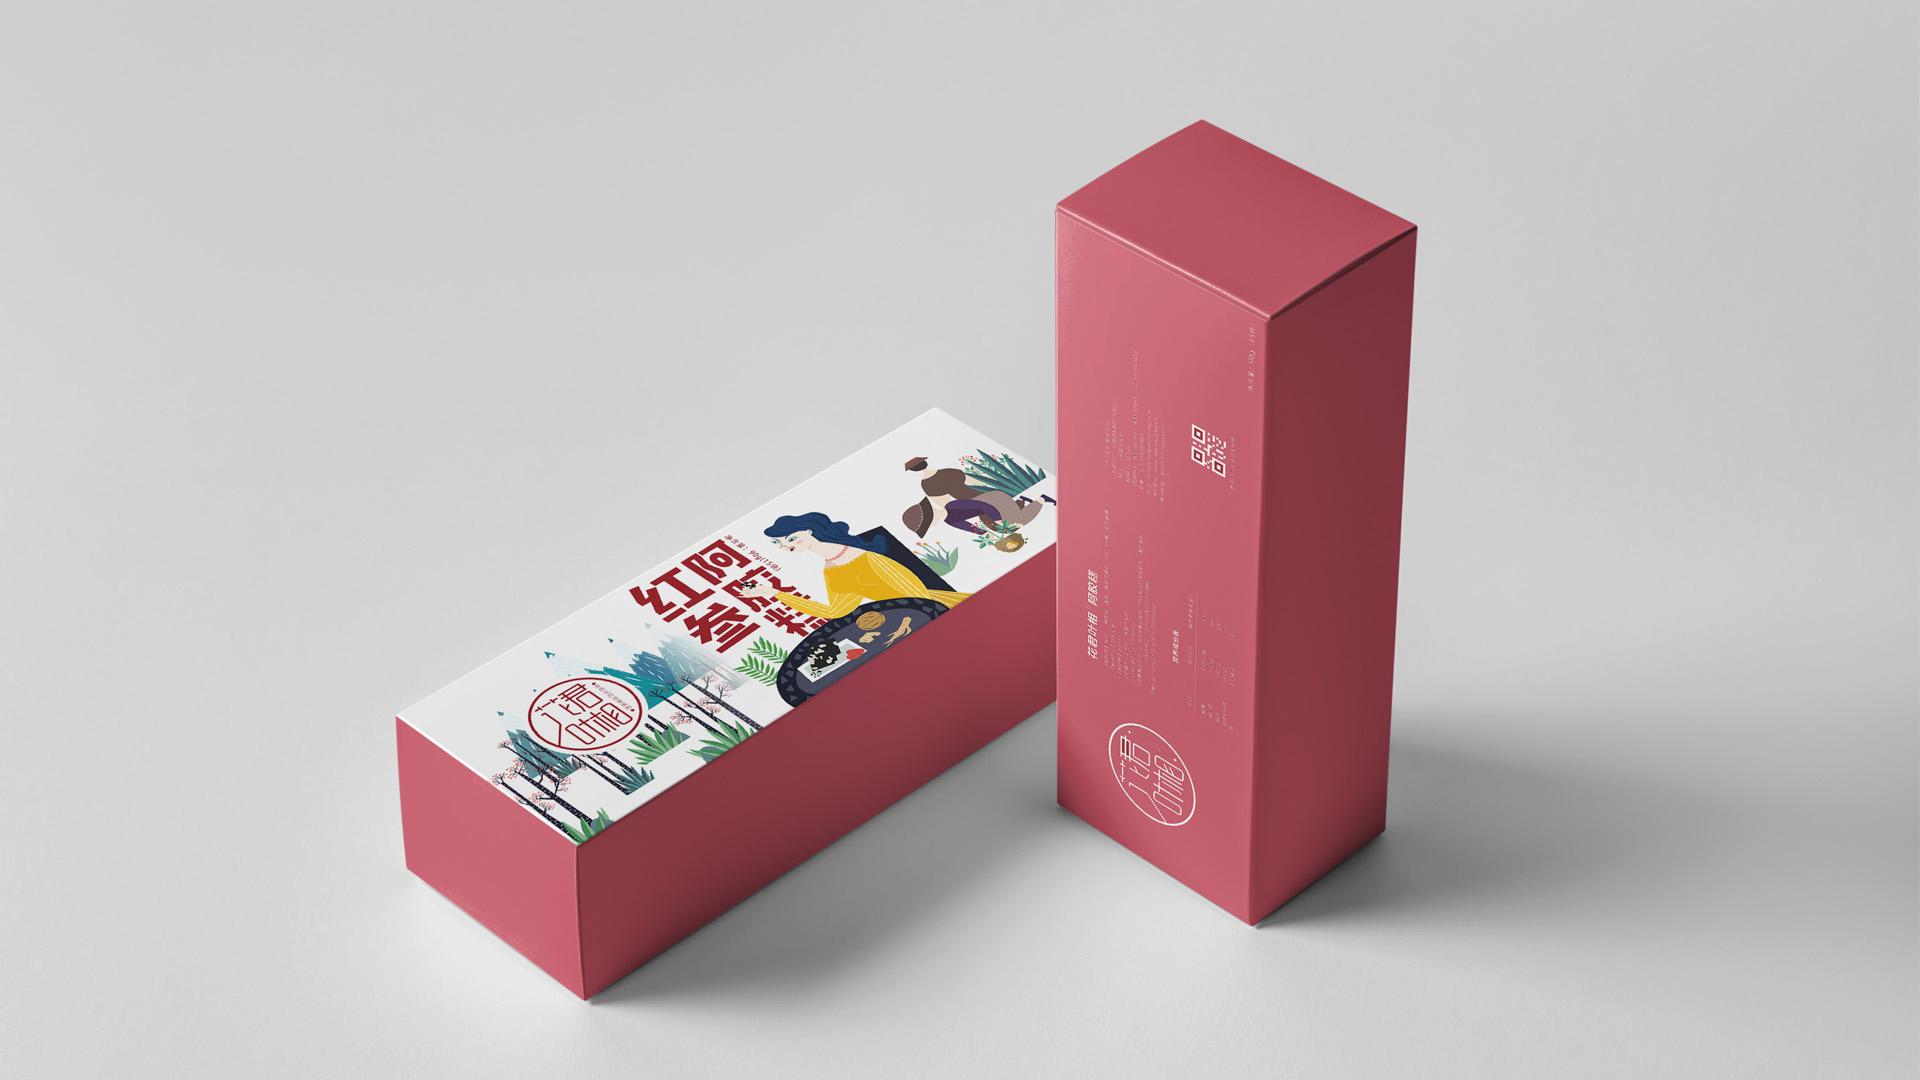 【品牌包装设计】食品饮料电商产品农产品茶酒生活用品电子产品